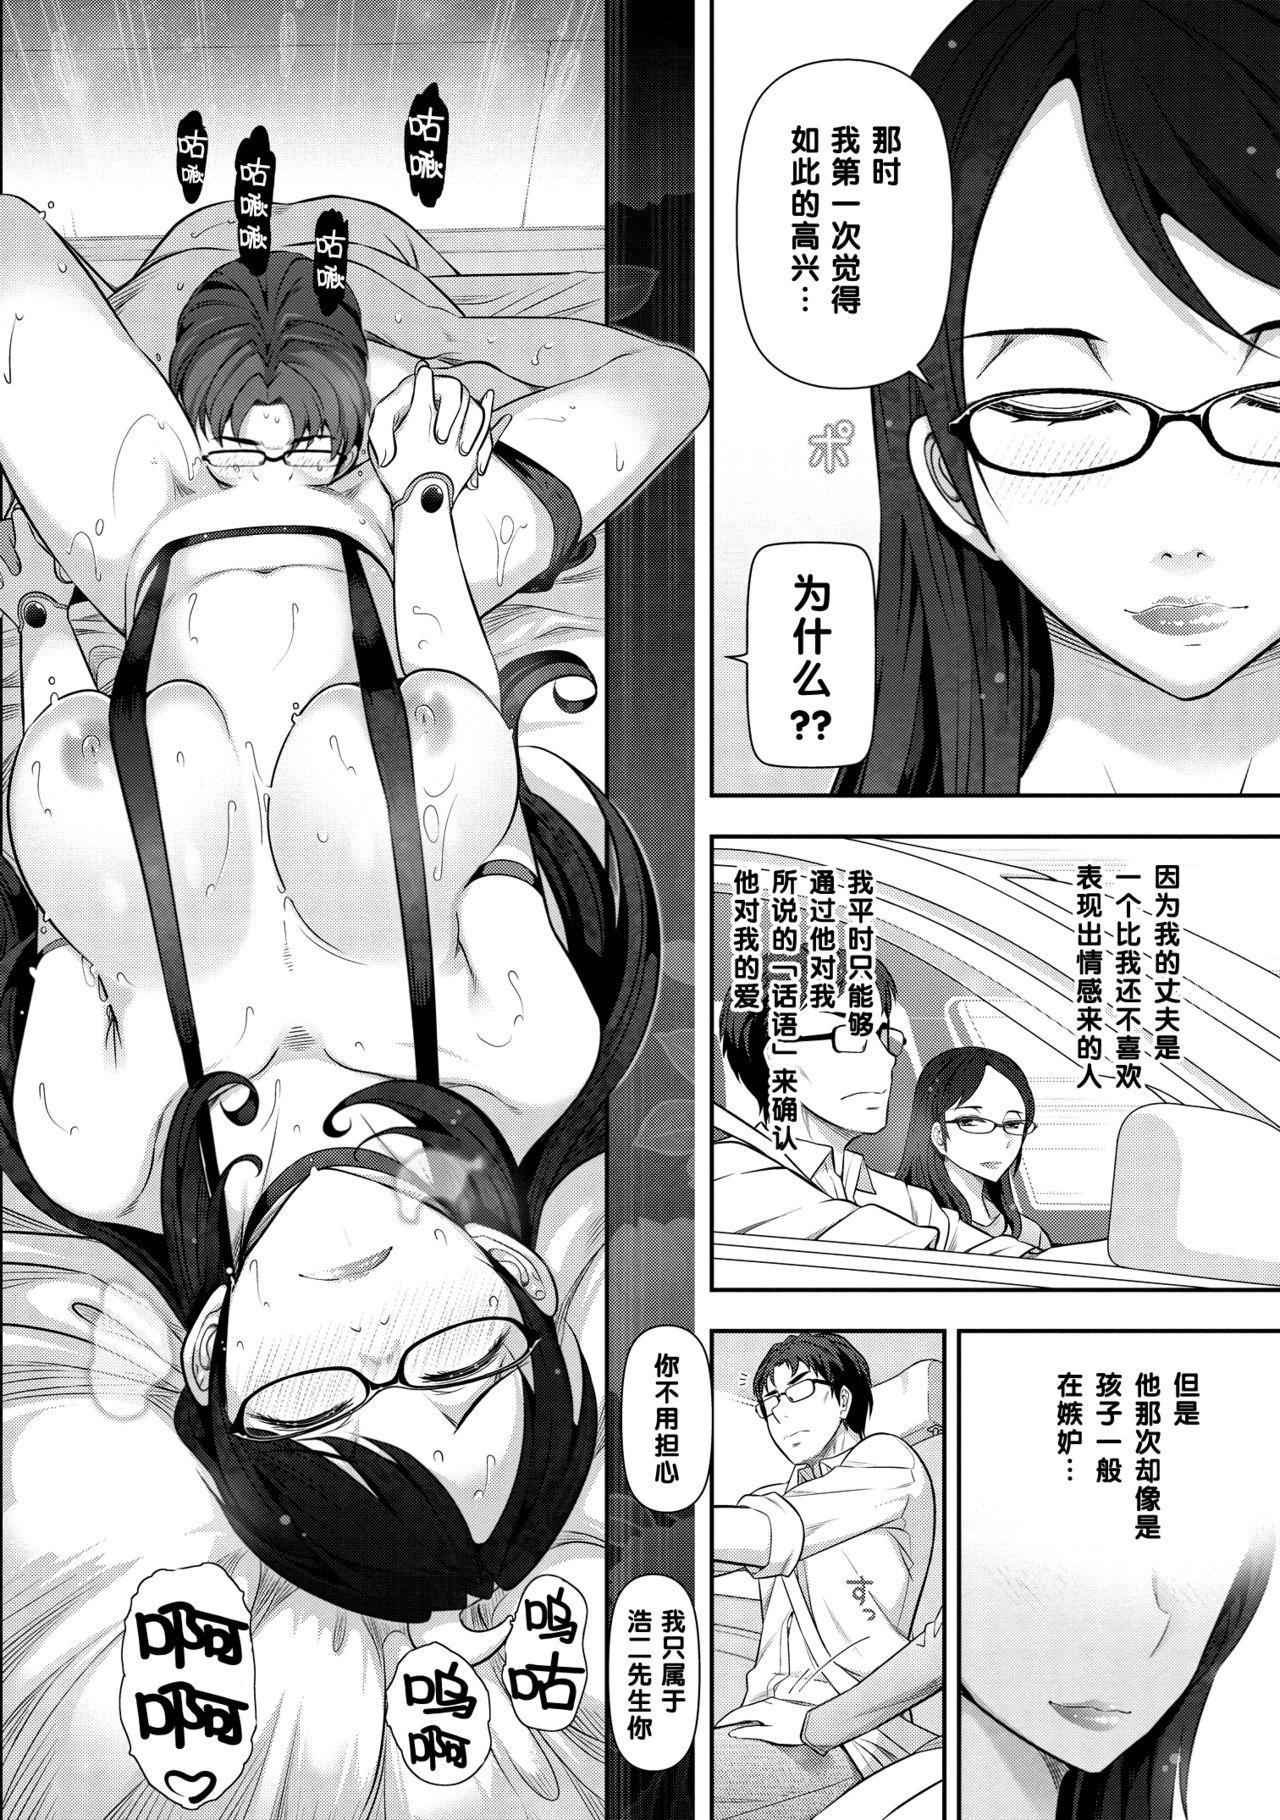 布川楓さん(30歳)の場合①(Chinese) 13